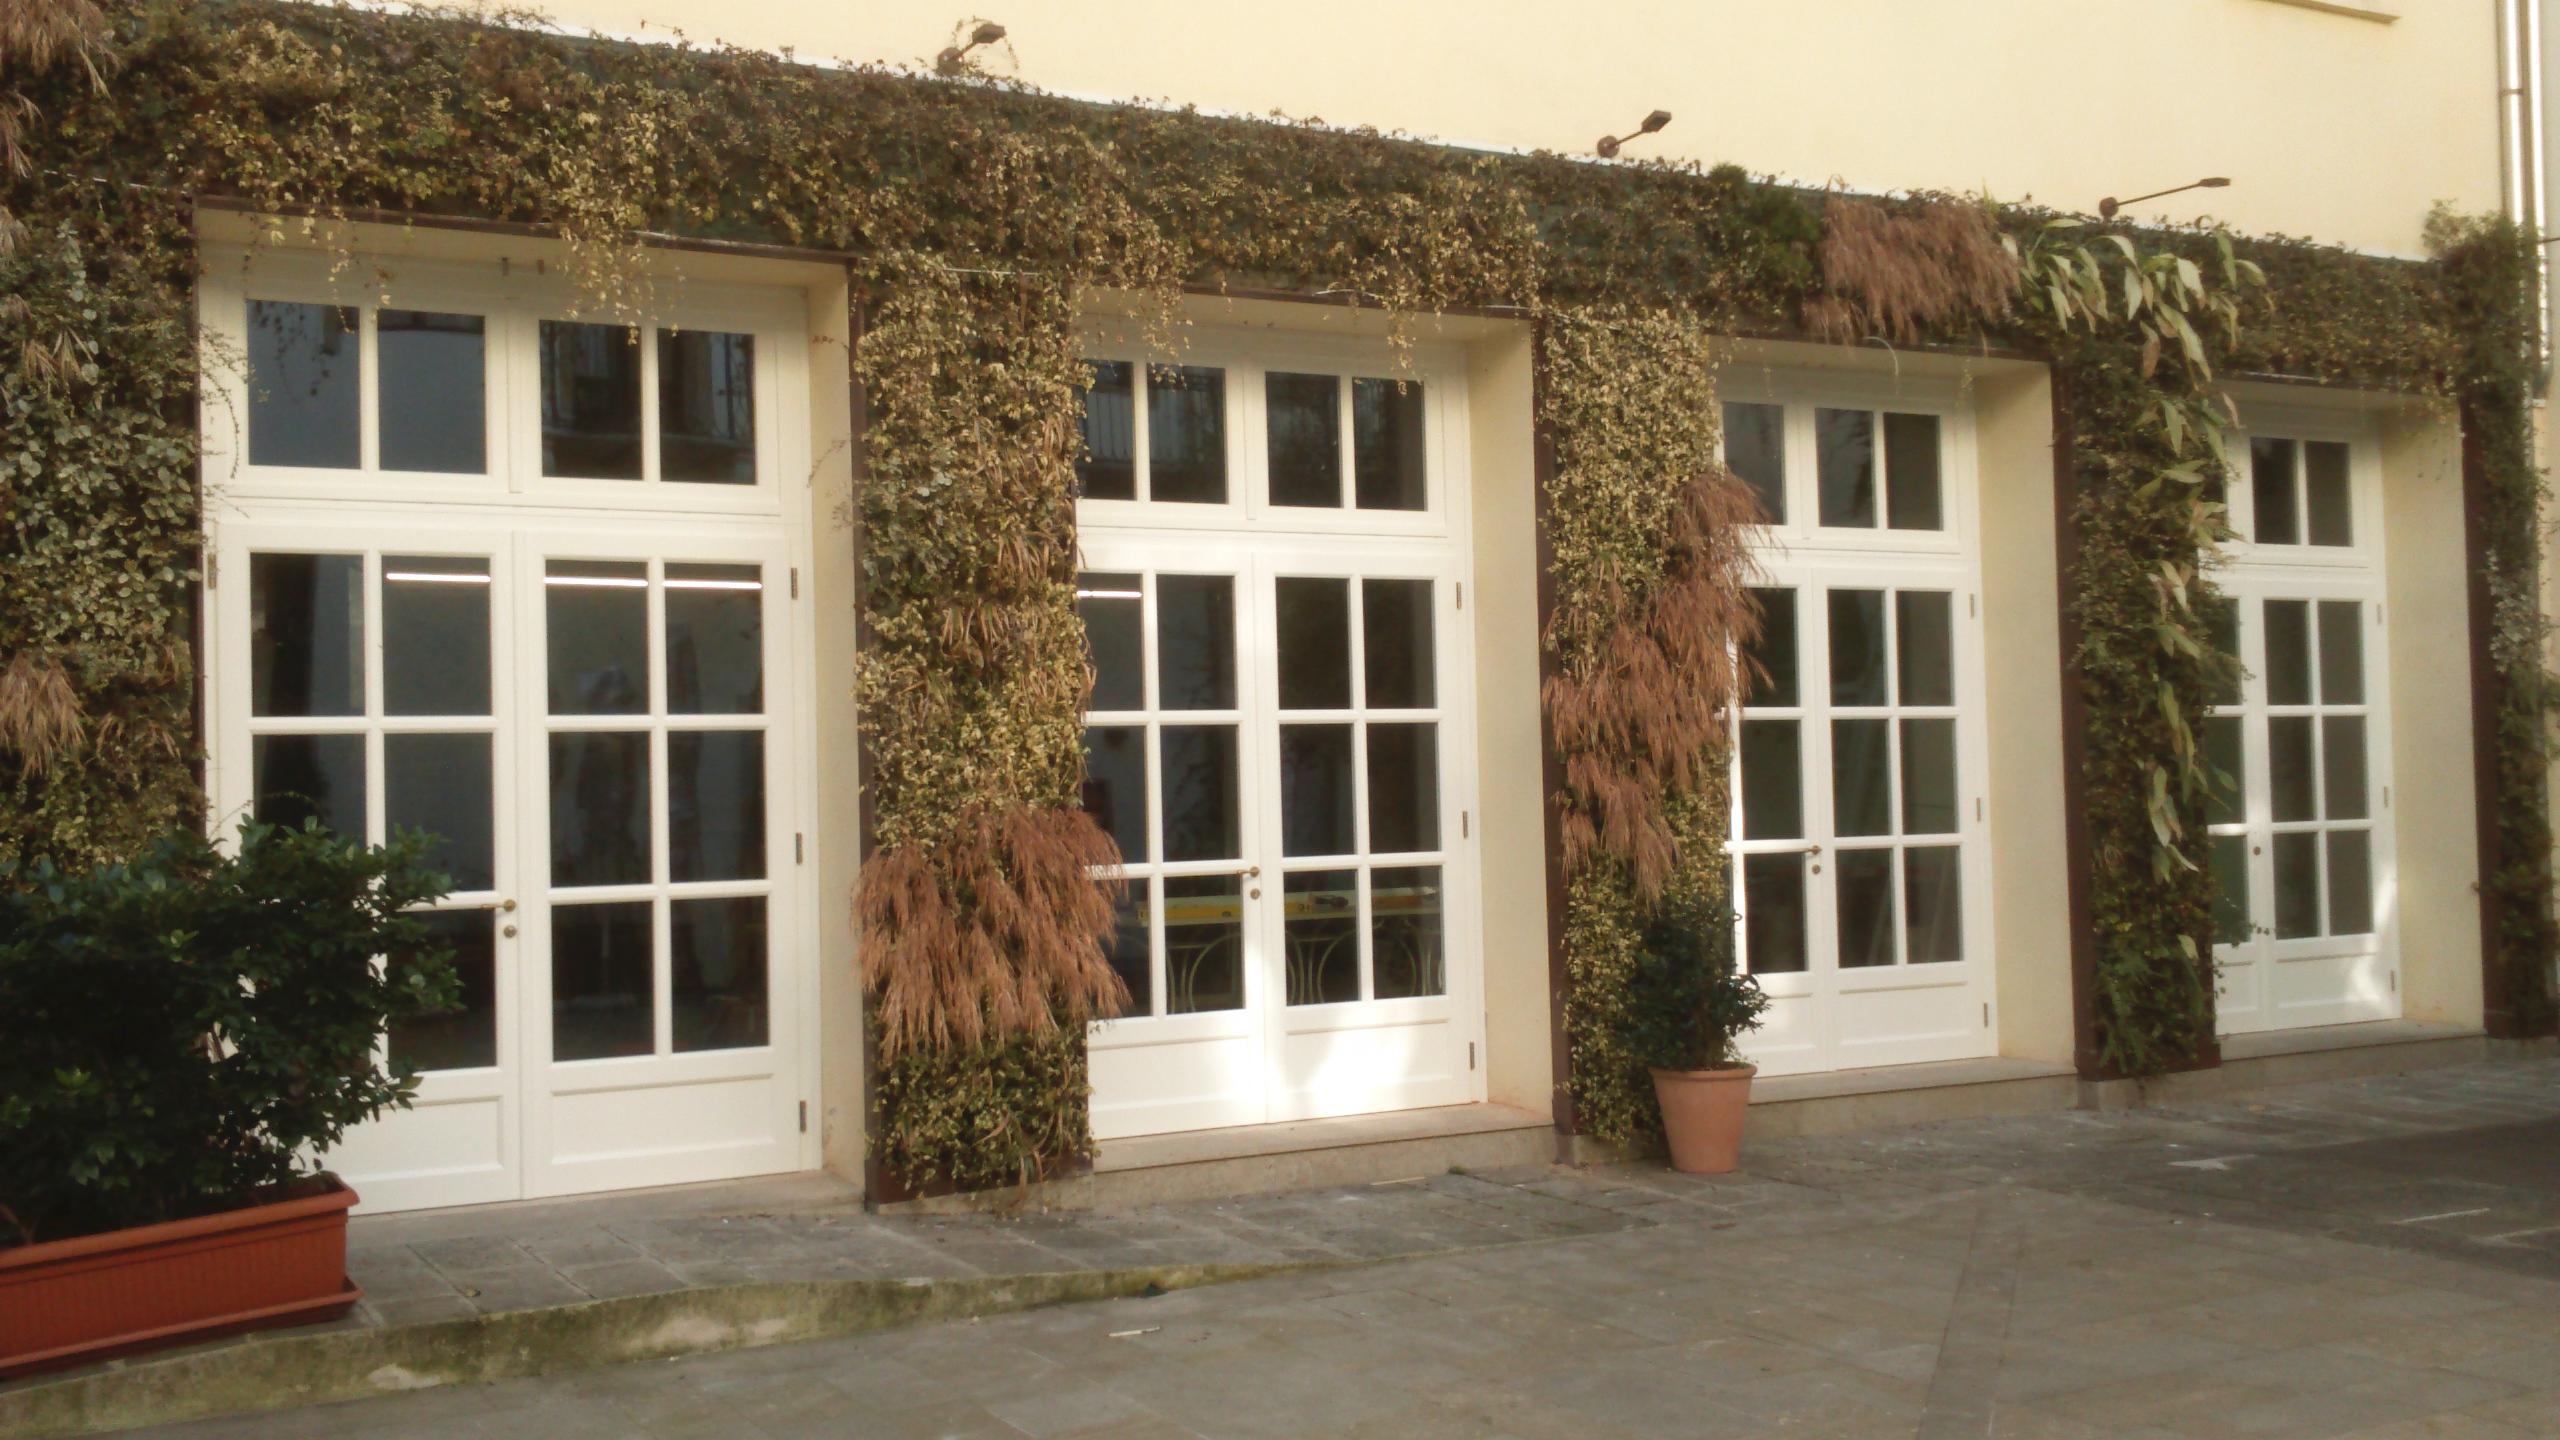 Falegnameria ossari gallery alcune foto dei nostri progetti - Finestre in legno bianche ...